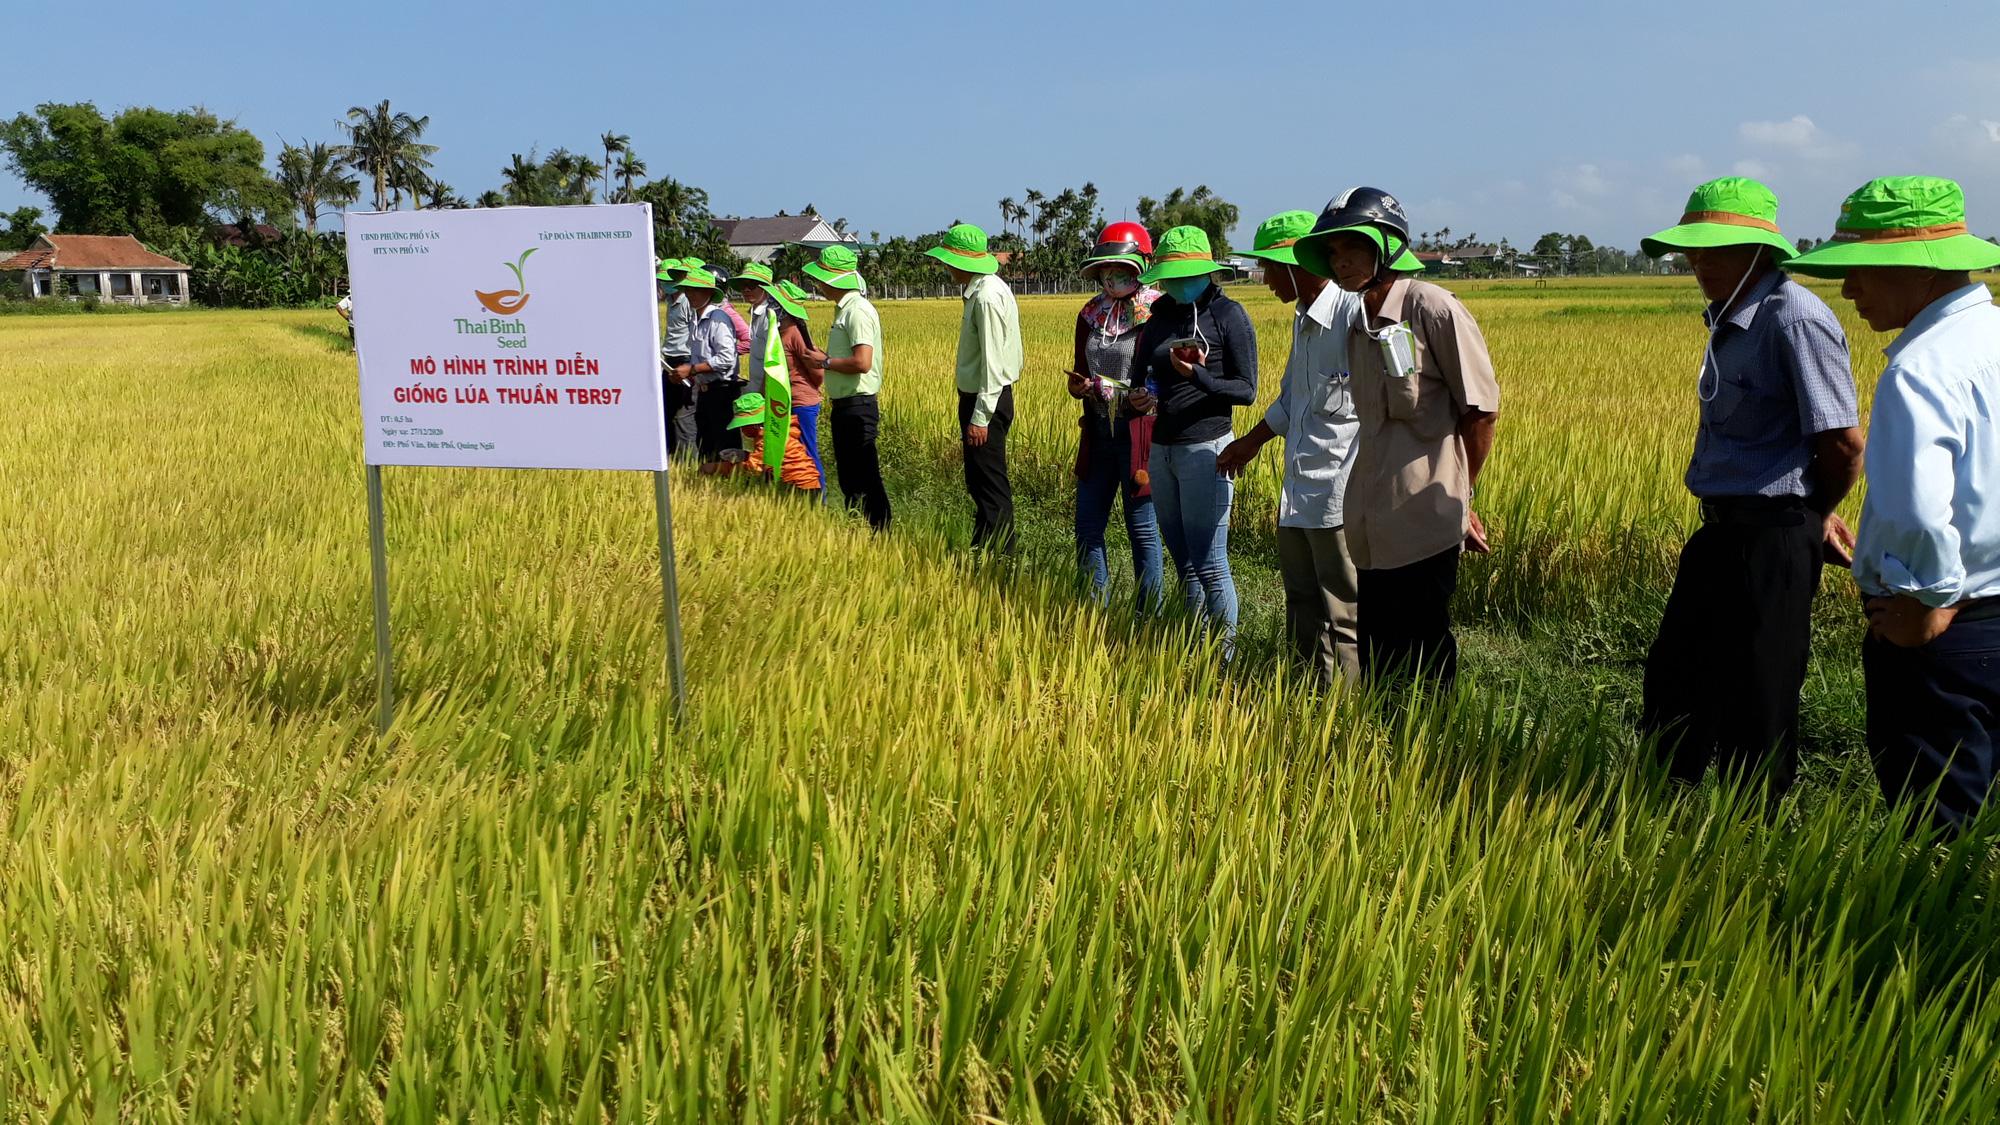 2 giống lúa mới khẳng định hiệu quả vượt trội trên đồng xứ Quảng Ngãi - Ảnh 2.